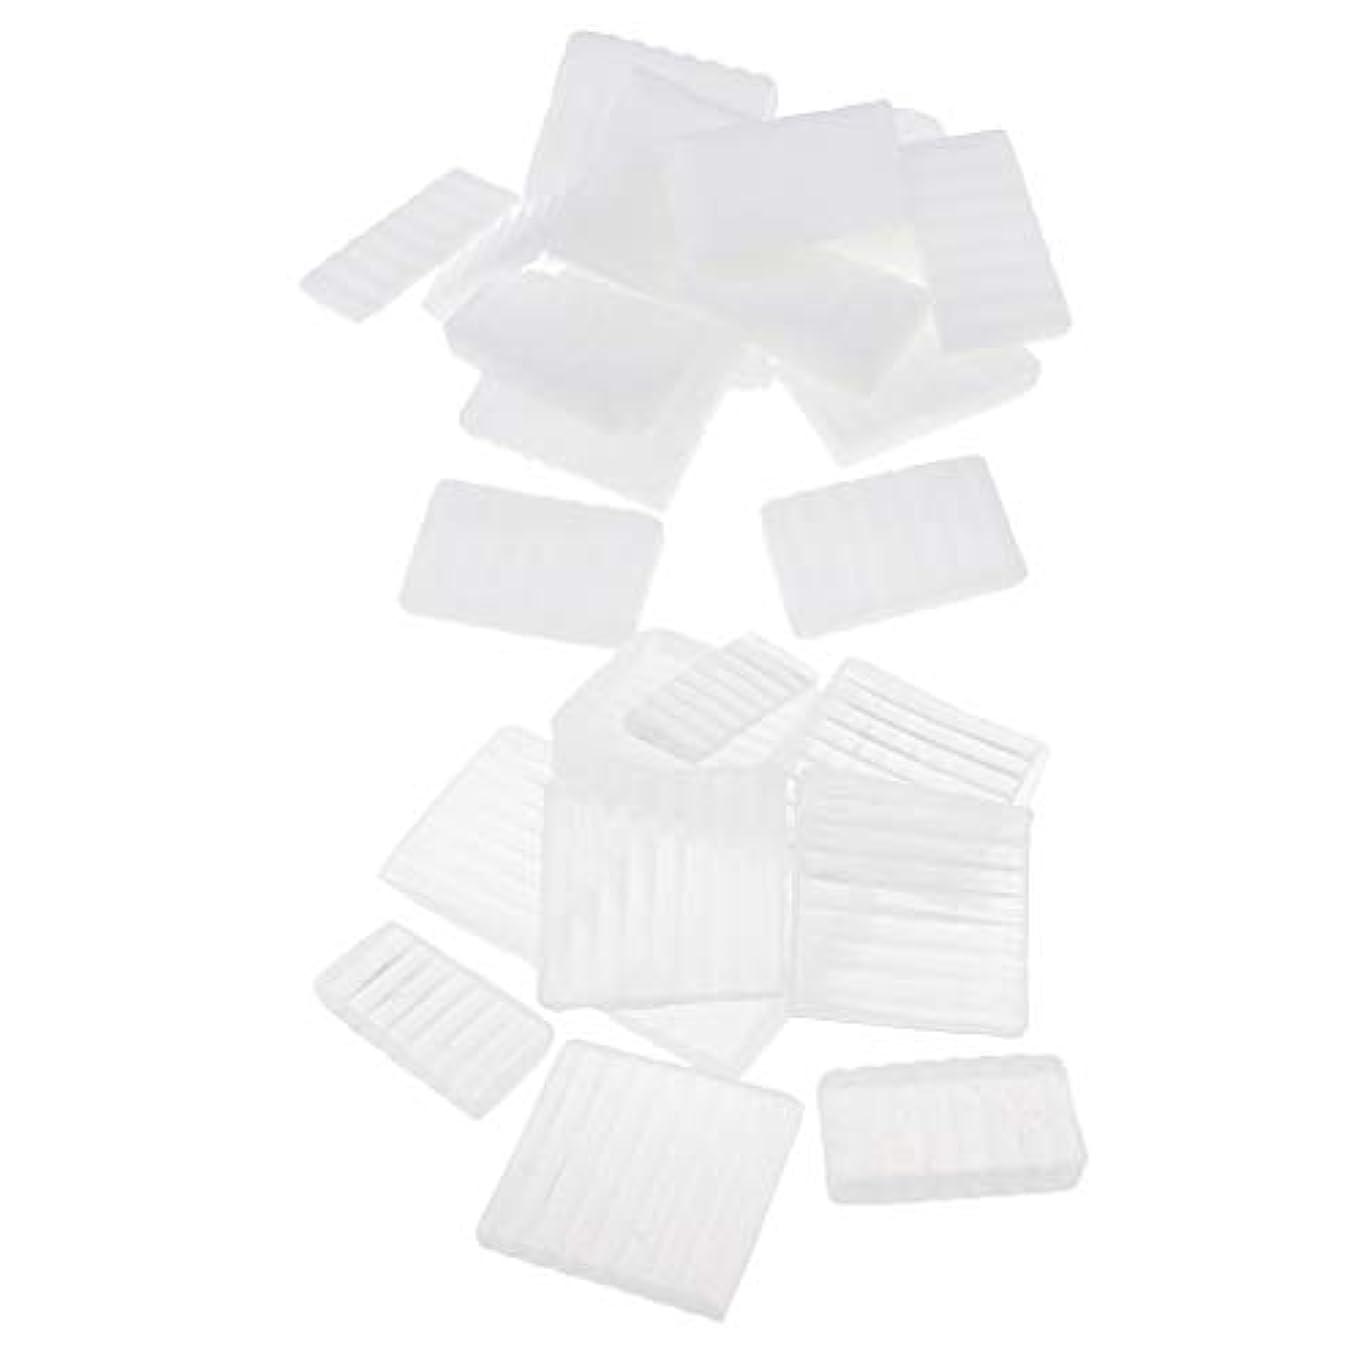 アクロバット疑い者アルバニーdailymall 石鹸ベース ソープメイキング素材 ソープ グリセリンソープ ハンドメイド 石鹸材料